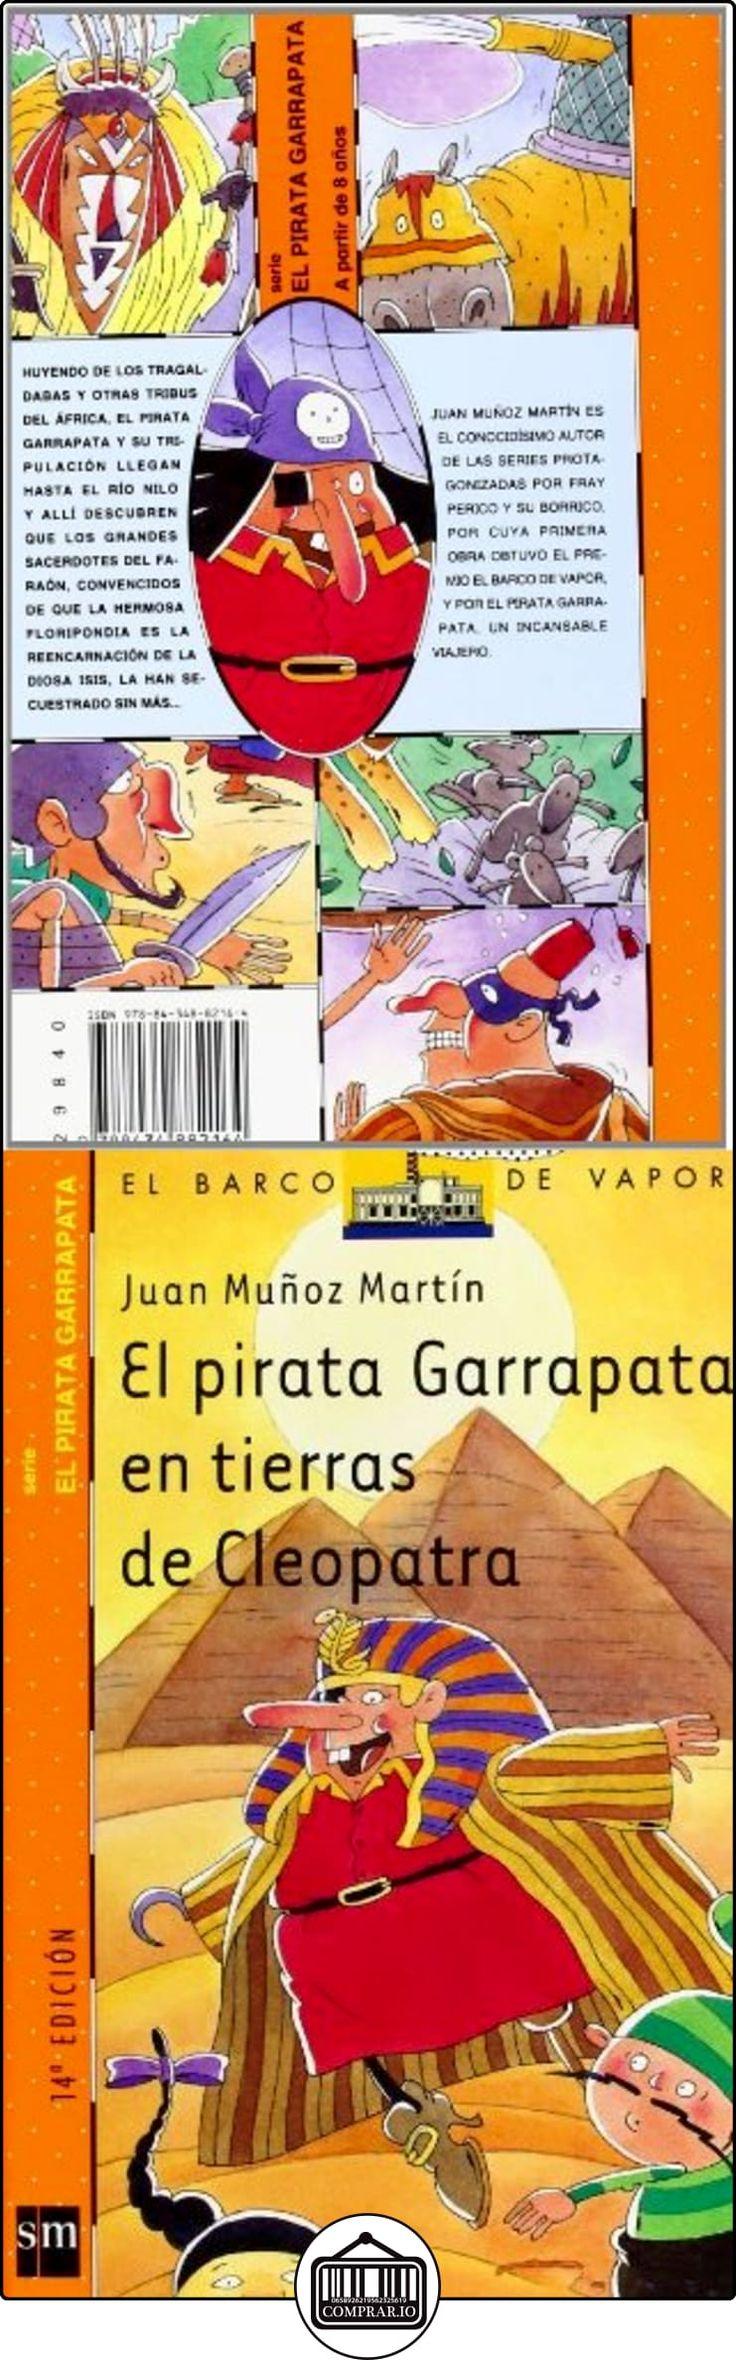 El pirata Garrapata en tierras de Cleopatra (Barco de Vapor Naranja) Juan Muñoz Martín ✿ Libros infantiles y juveniles - (De 6 a 9 años) ✿ ▬► Ver oferta: http://comprar.io/goto/8434882167